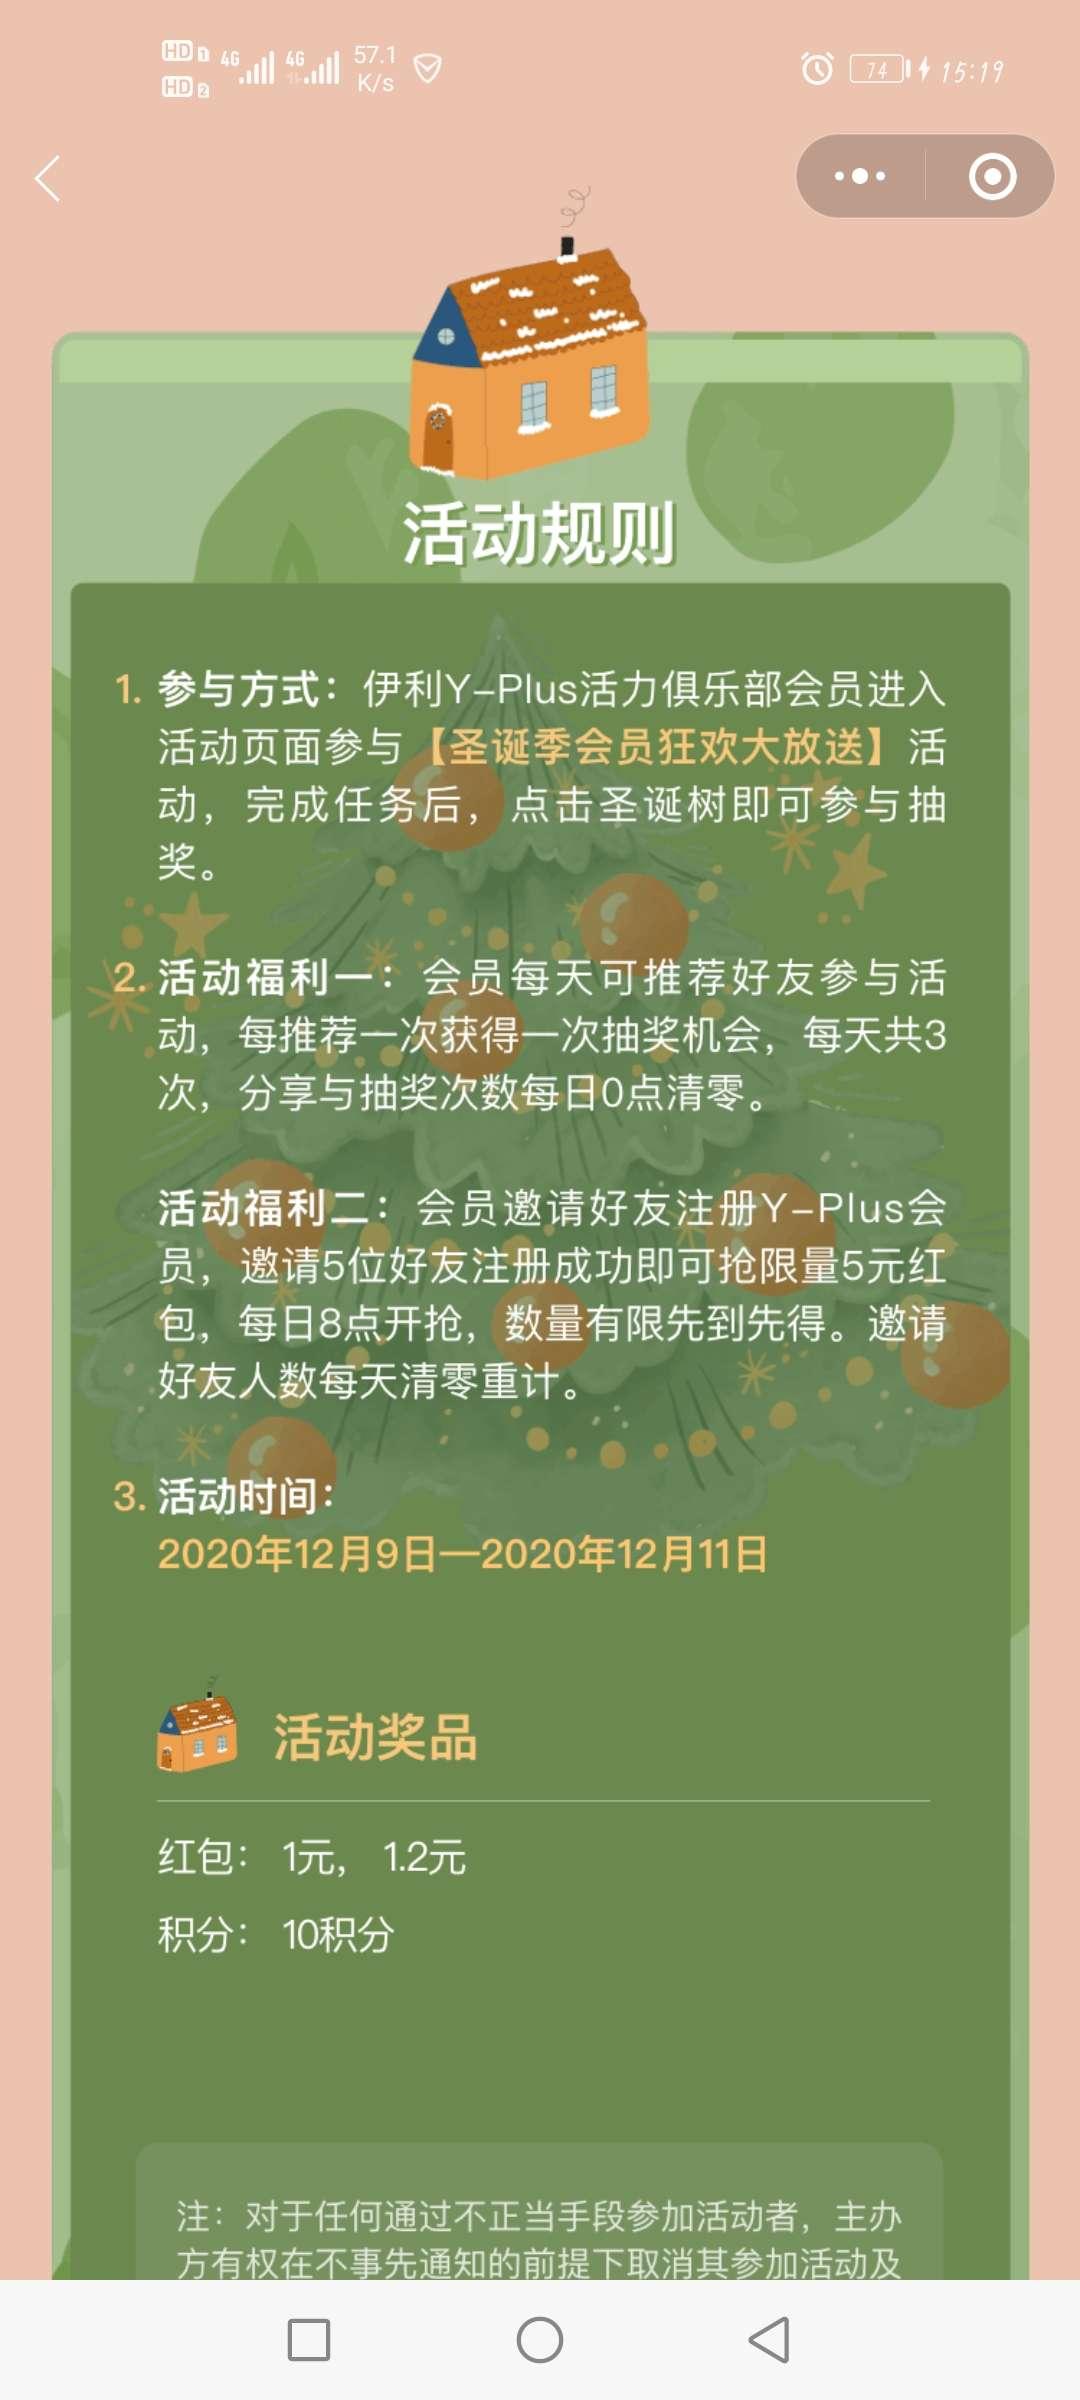 【现金红包】微信伊利Yplus活力俱乐部抽红包-聚合资源网